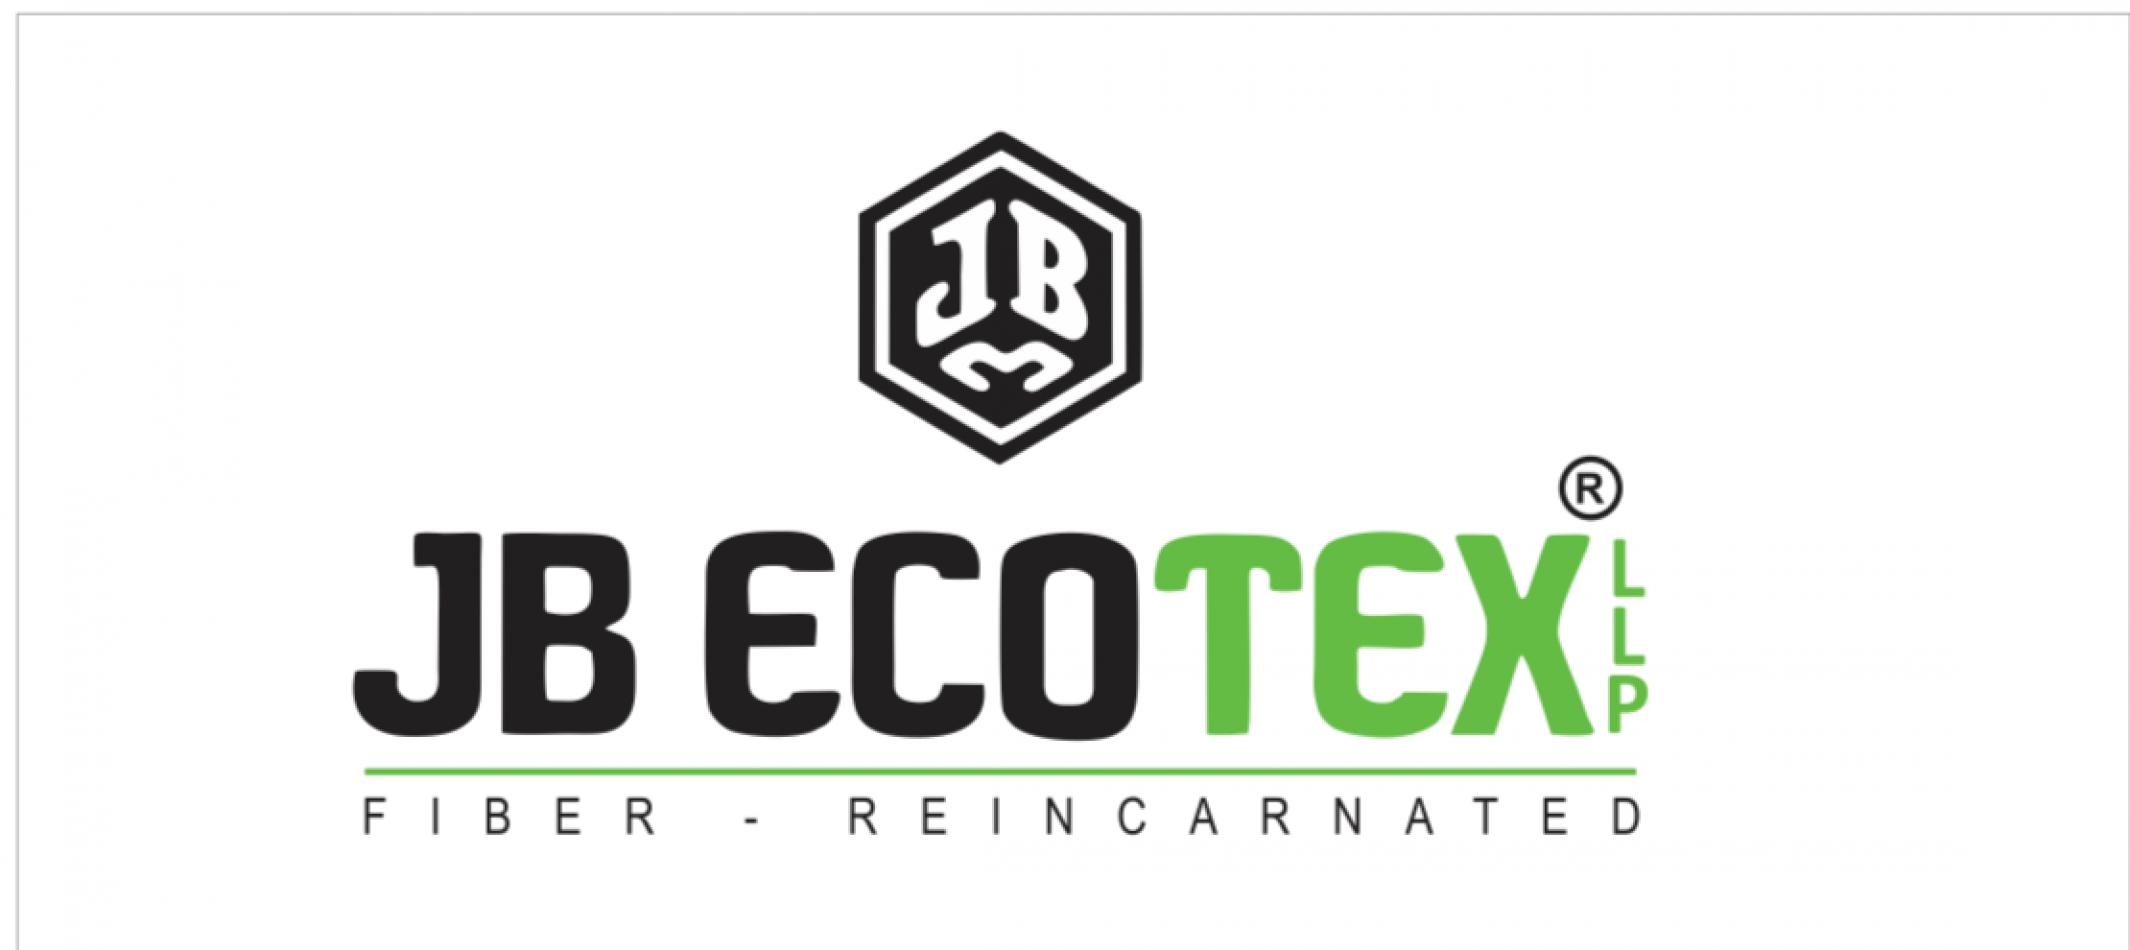 JB ECOTEX LLP